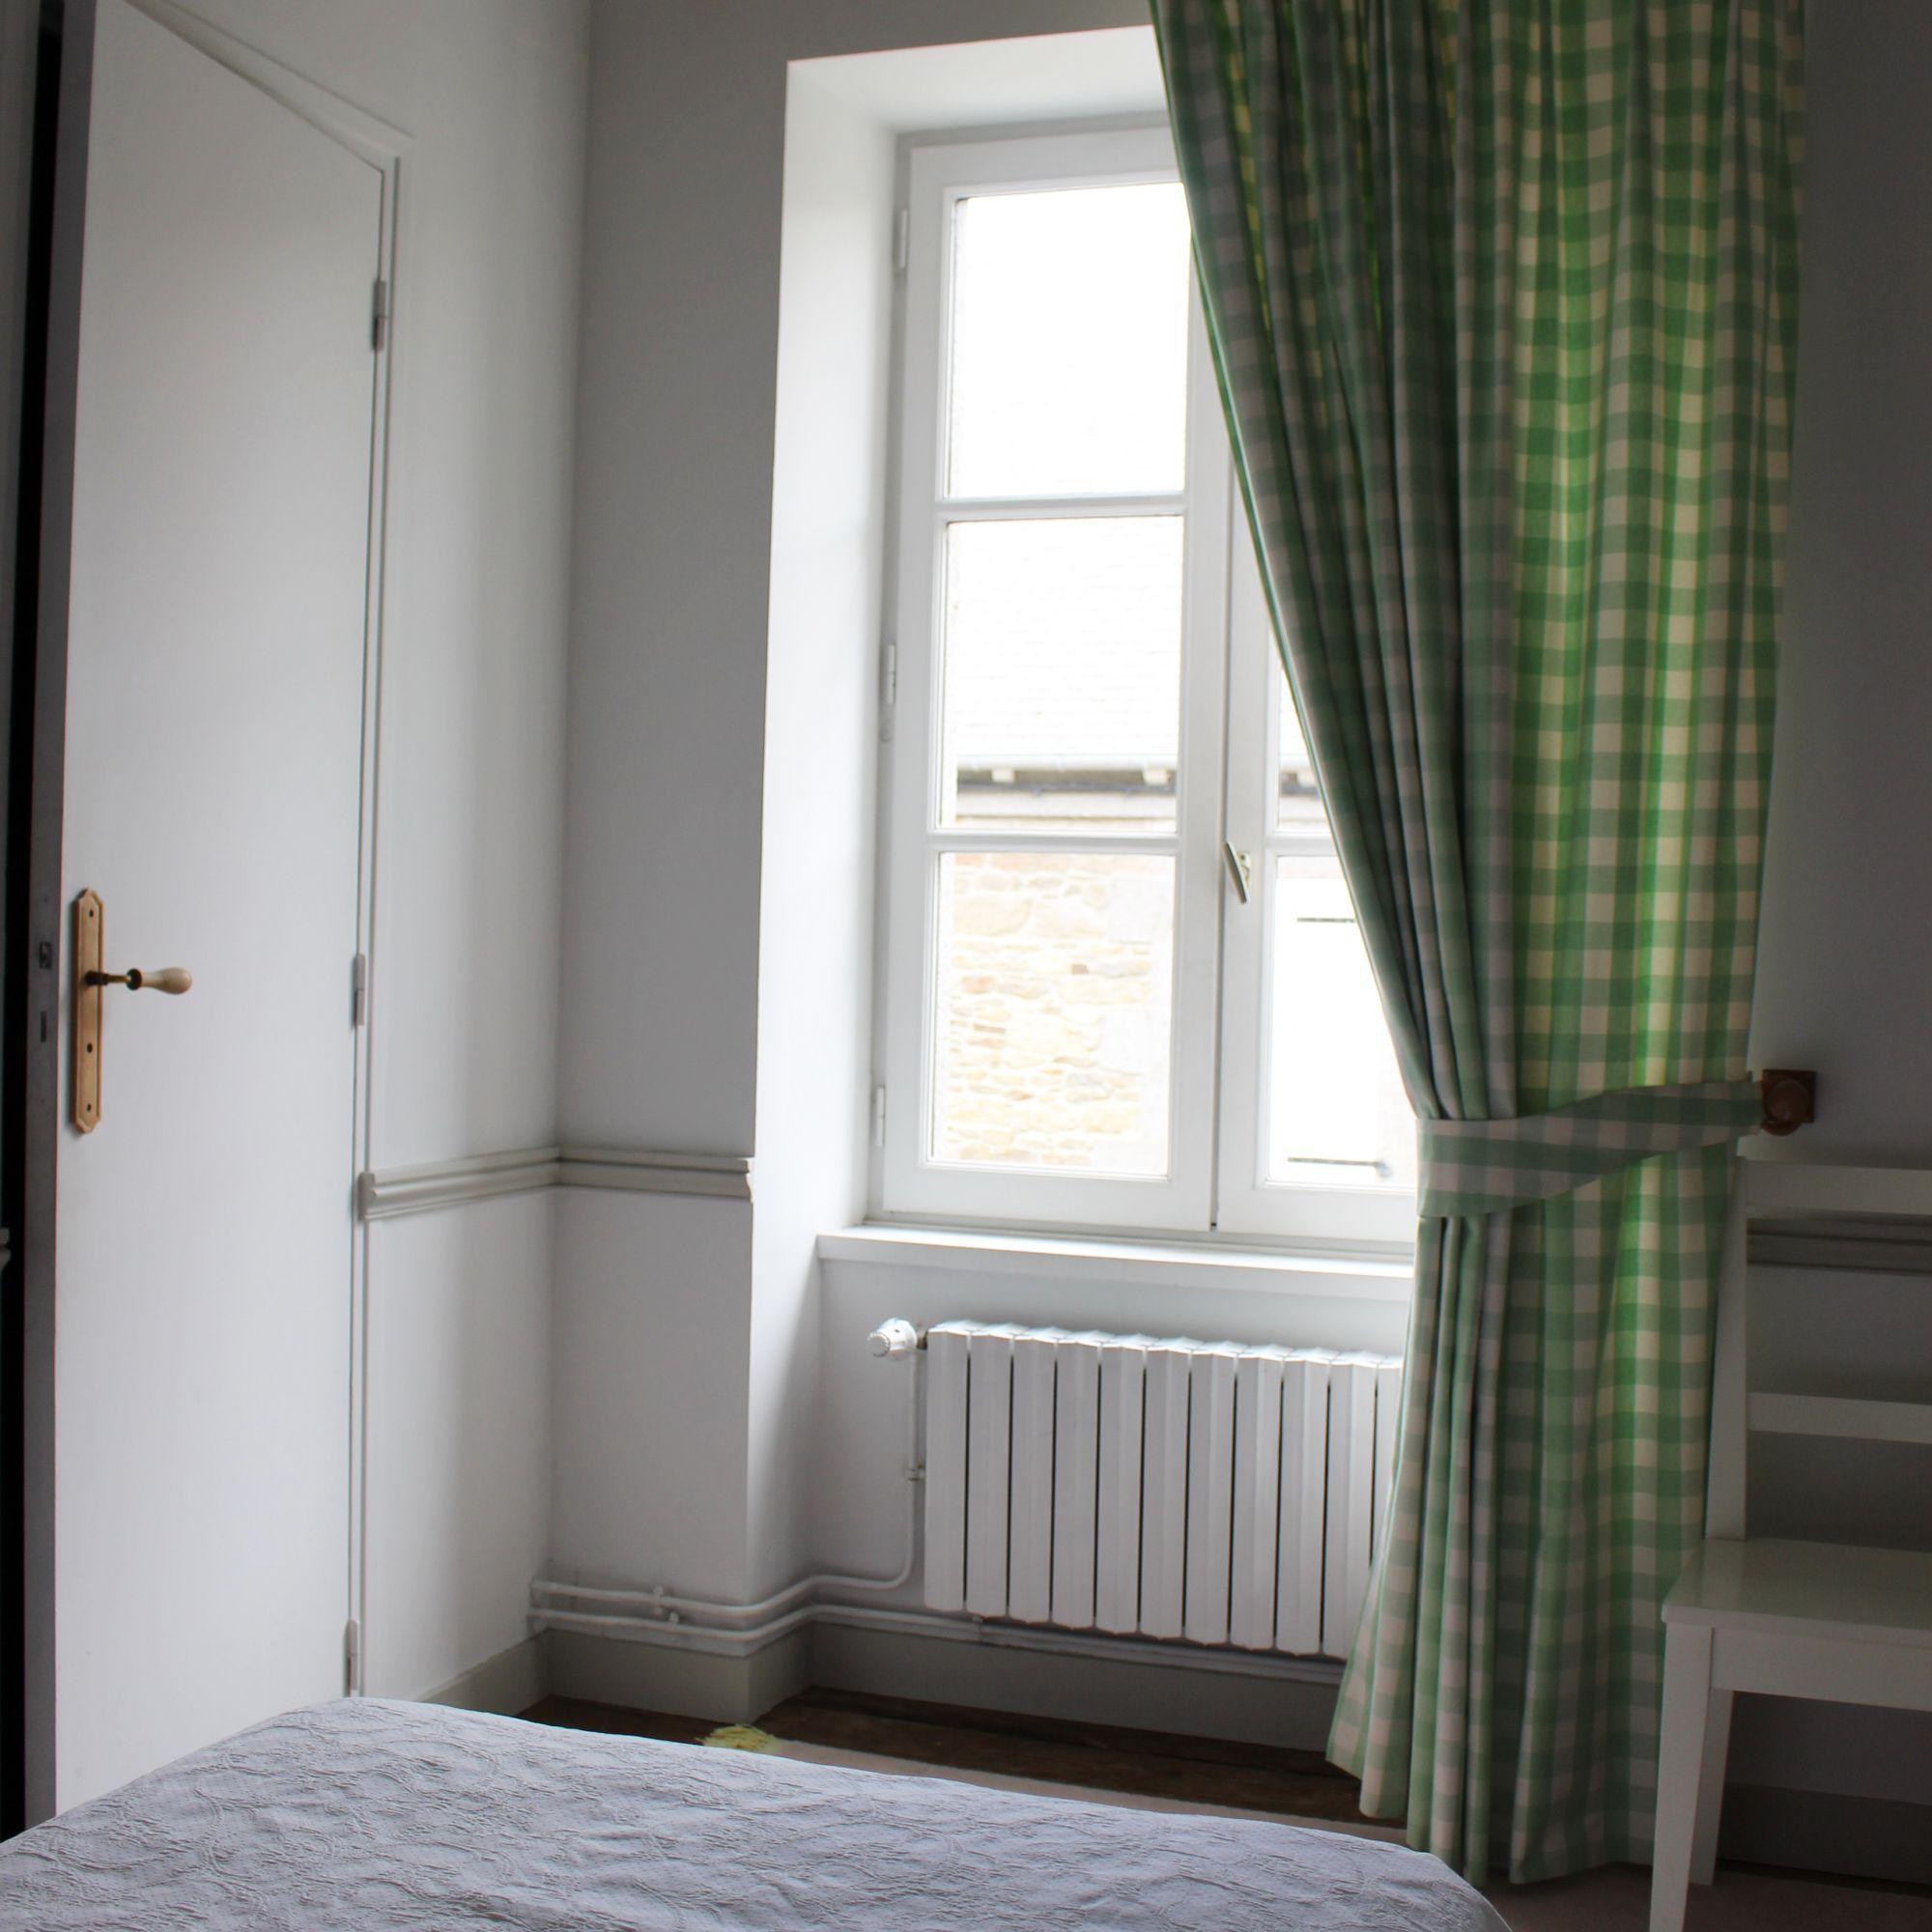 Chambre verte les mouettes saint suliac chambres d h tes - Chambres d hotes ardeche verte ...